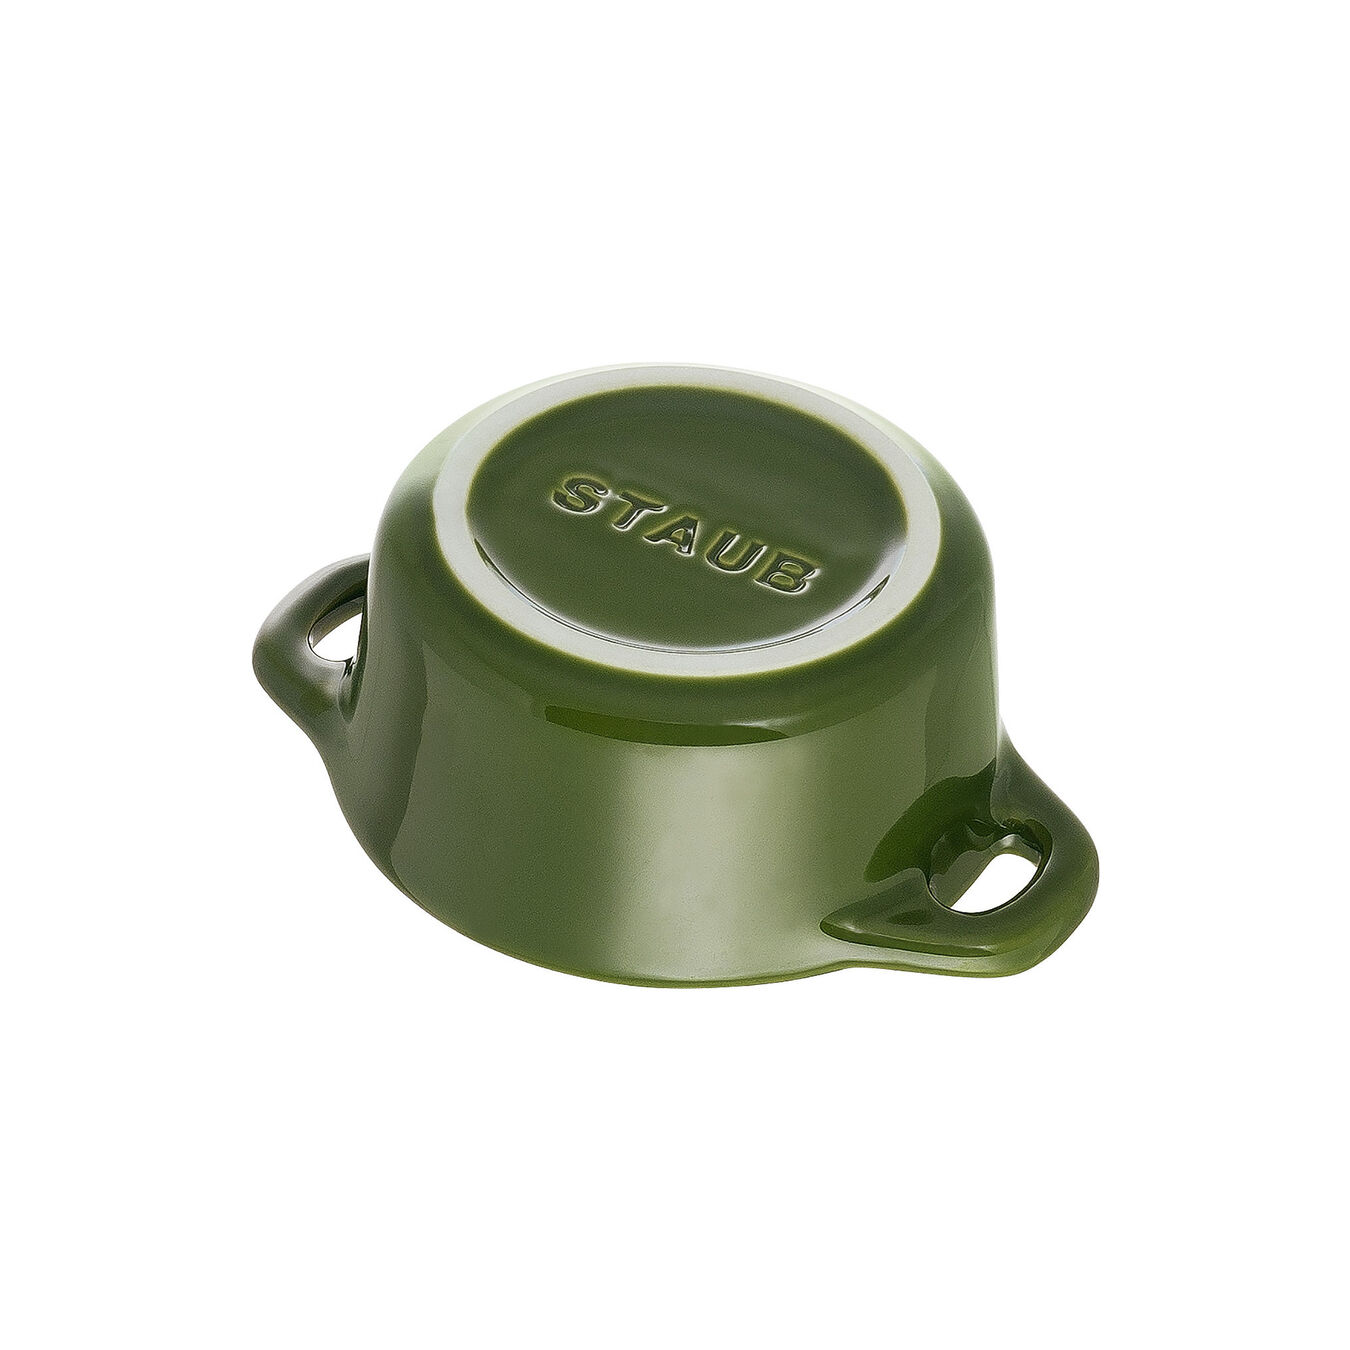 Mini cocotte rotonda - 10 cm, basilico,,large 5